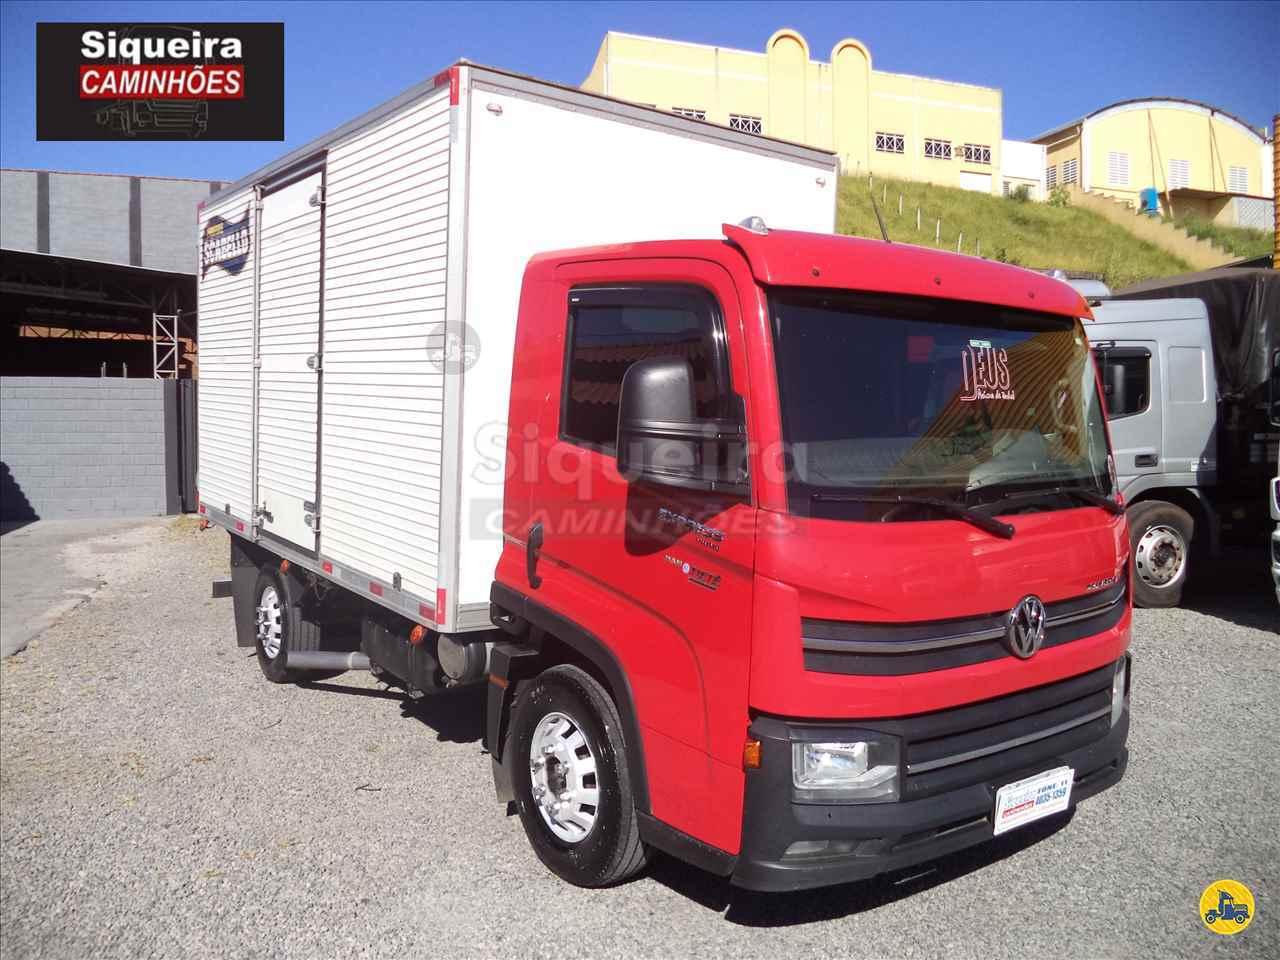 CAMINHAO VOLKSWAGEN DELIVERY EXPRESS Baú Furgão 3/4 4x2 Siqueira Caminhões BRAGANCA PAULISTA SÃO PAULO SP